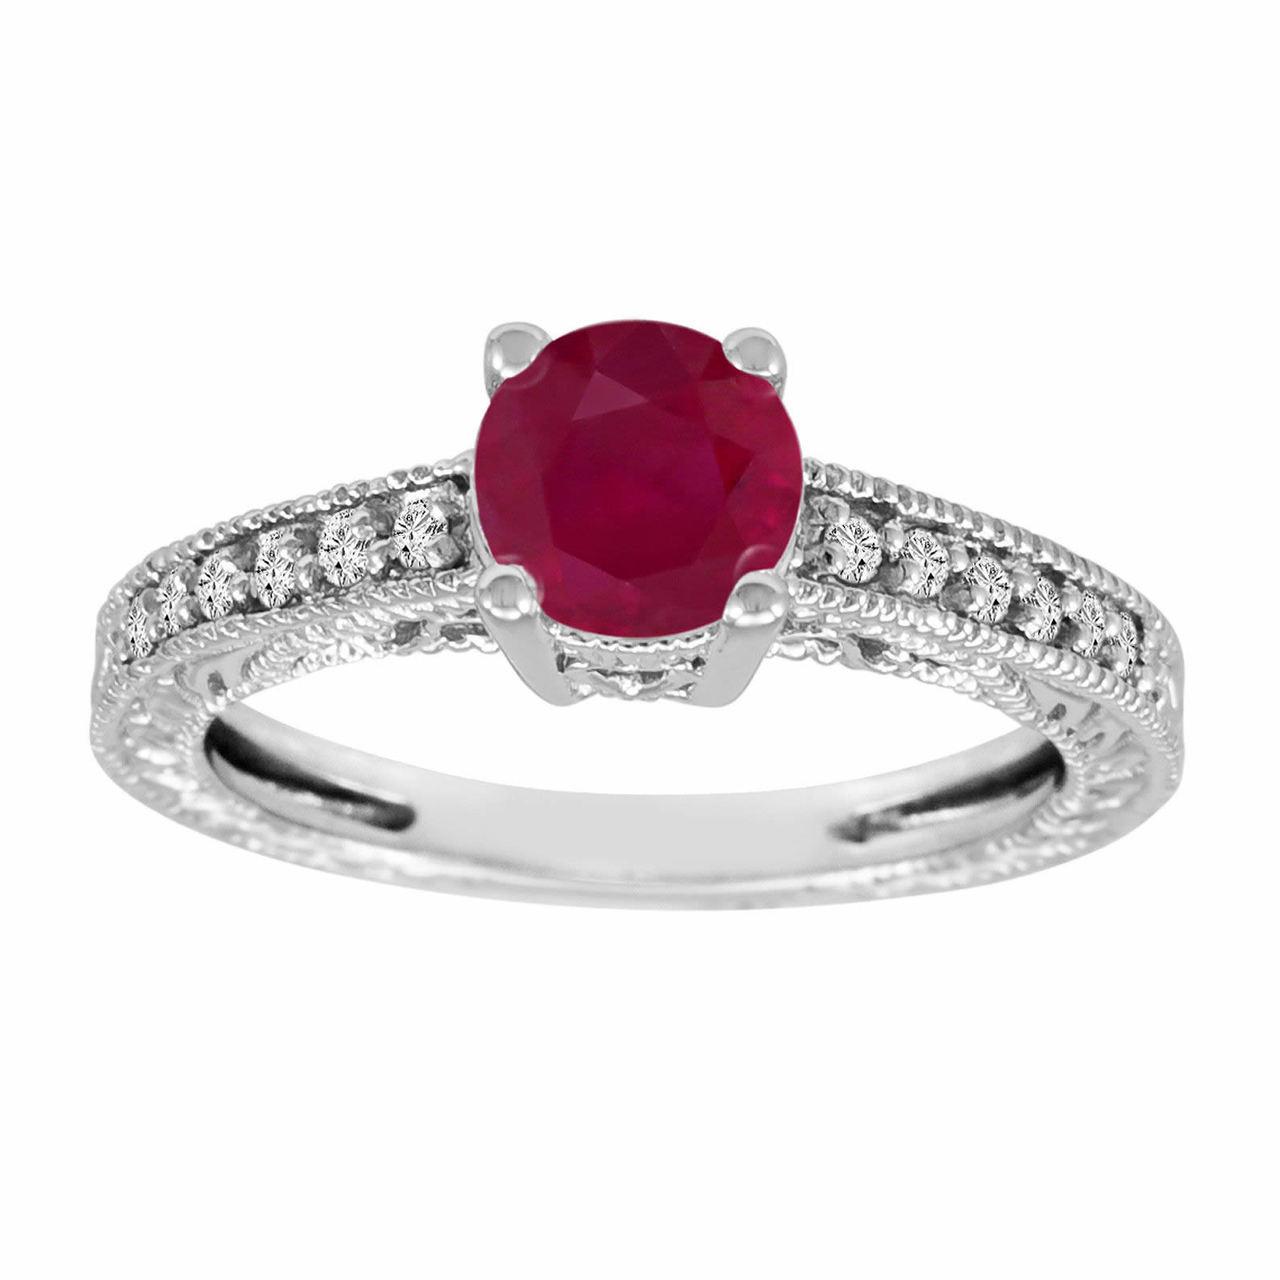 14k white gold 1 14 carat ruby engagement ring